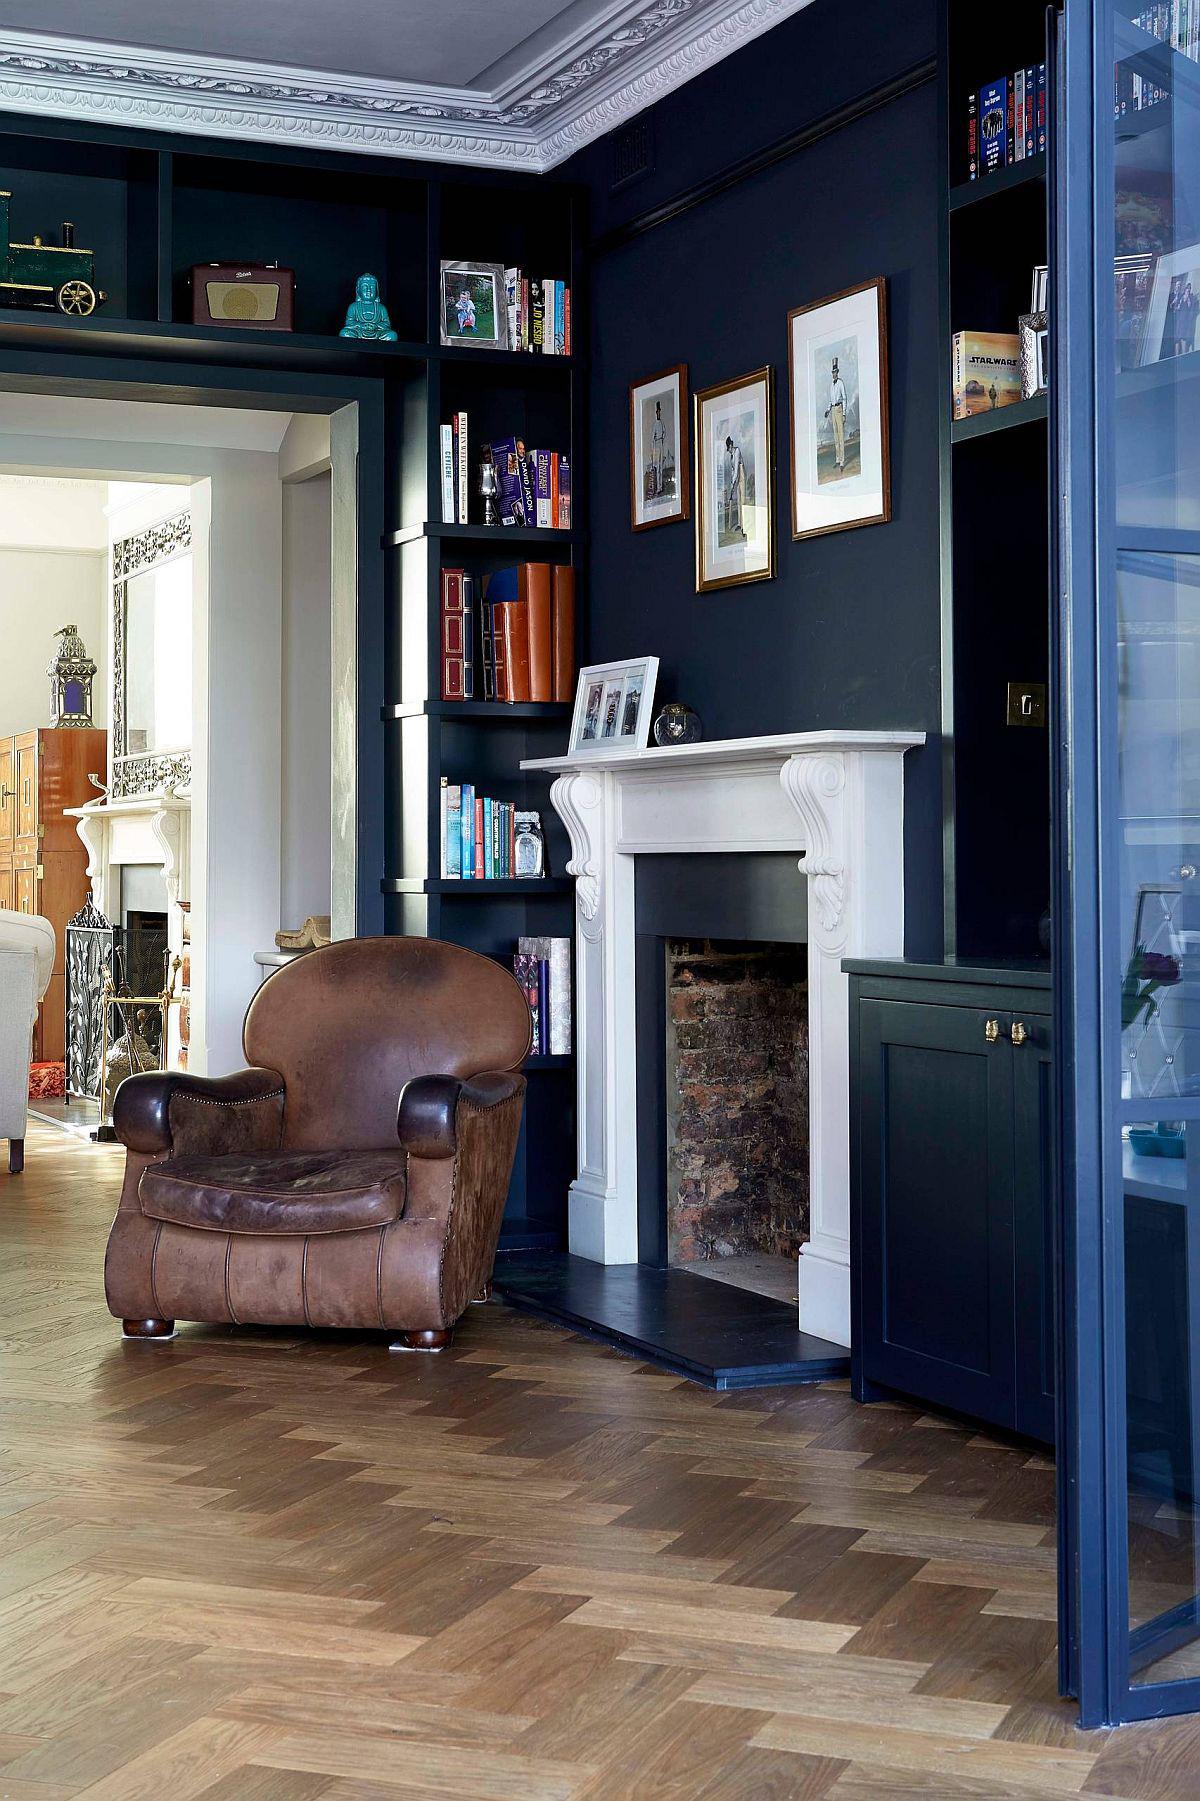 Tối đa hóa không gian trong ngôi nhà của bạn cực bắt mắt với kệ tích hợp thông minh xung quanh ô cửa - Ảnh 9.